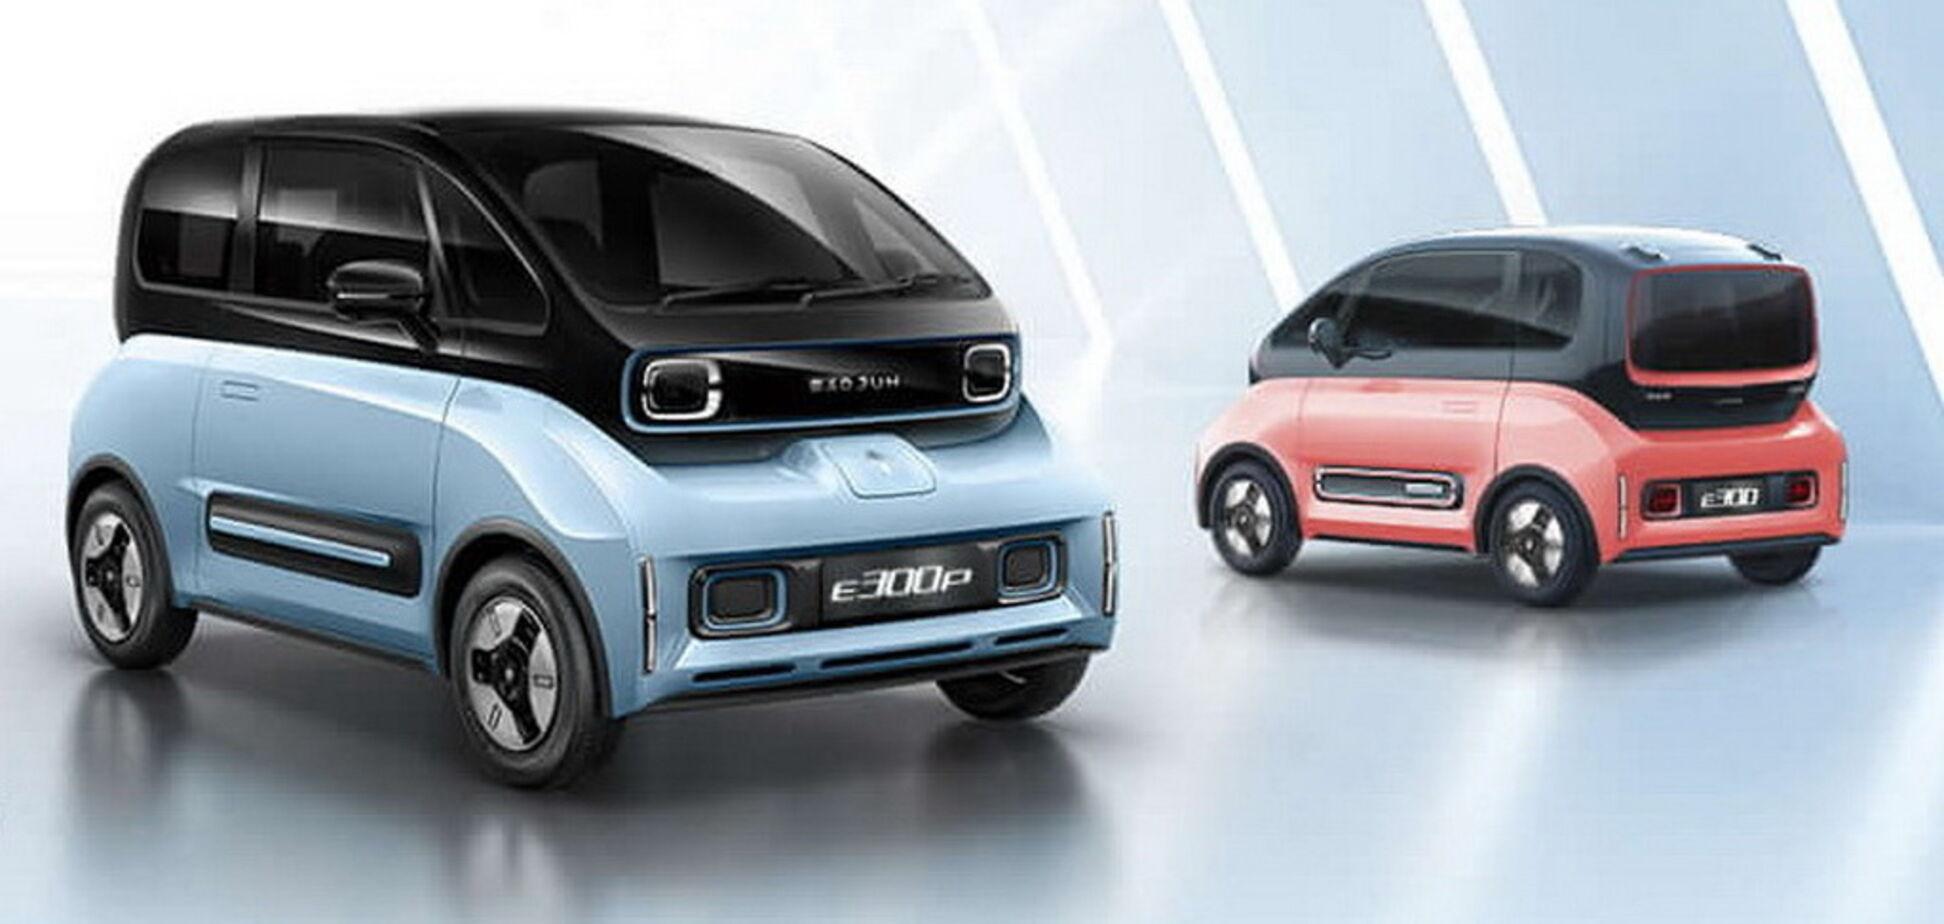 Китайський електромобіль Baojun здивував компонуванням